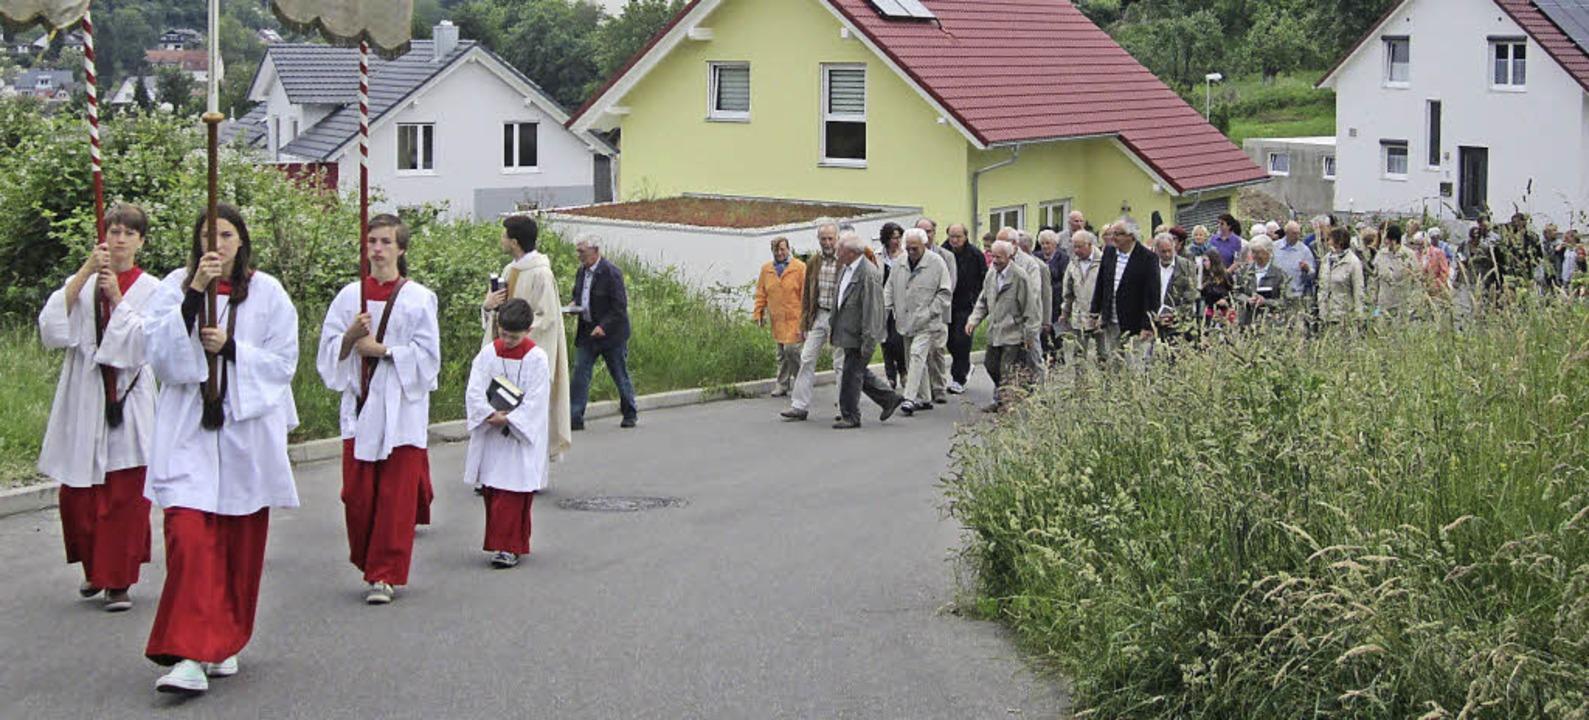 KENZINGEN-NORDWEIL (rmn). FEST VERWURZ...vier Stationen zu beten und zu singen.    Foto: Reiner Merz